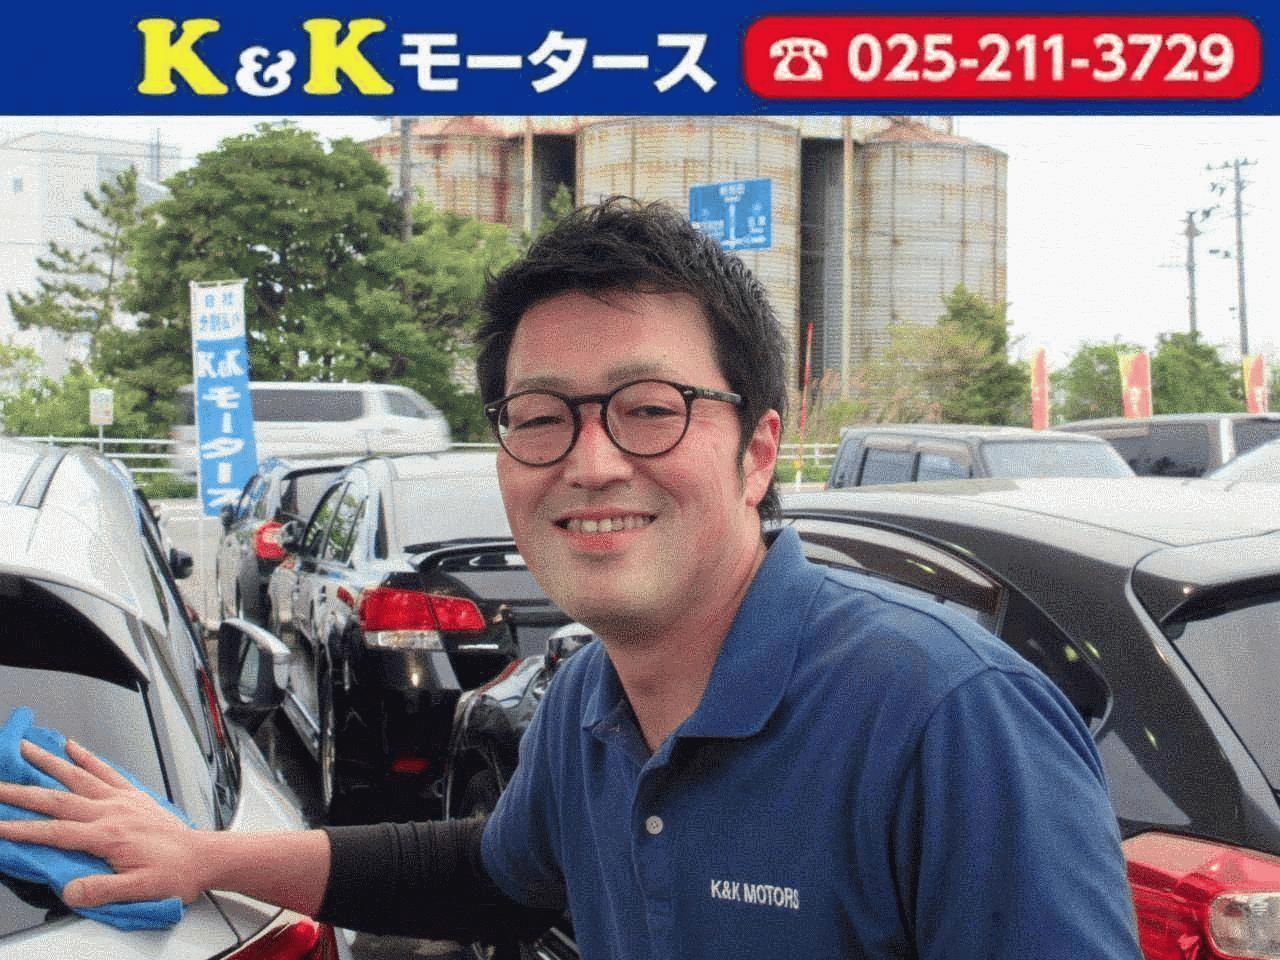 営業担当の藤原です。 お客様に喜んで頂けるように1台1台丁寧に洗車・清掃をし仕上げさせて頂いております。 お車を購入された皆様に笑顔で素敵なカーライフを送って頂けるように全力でサポート致します。 お車の事ならK&KMOTORSにお任せください。